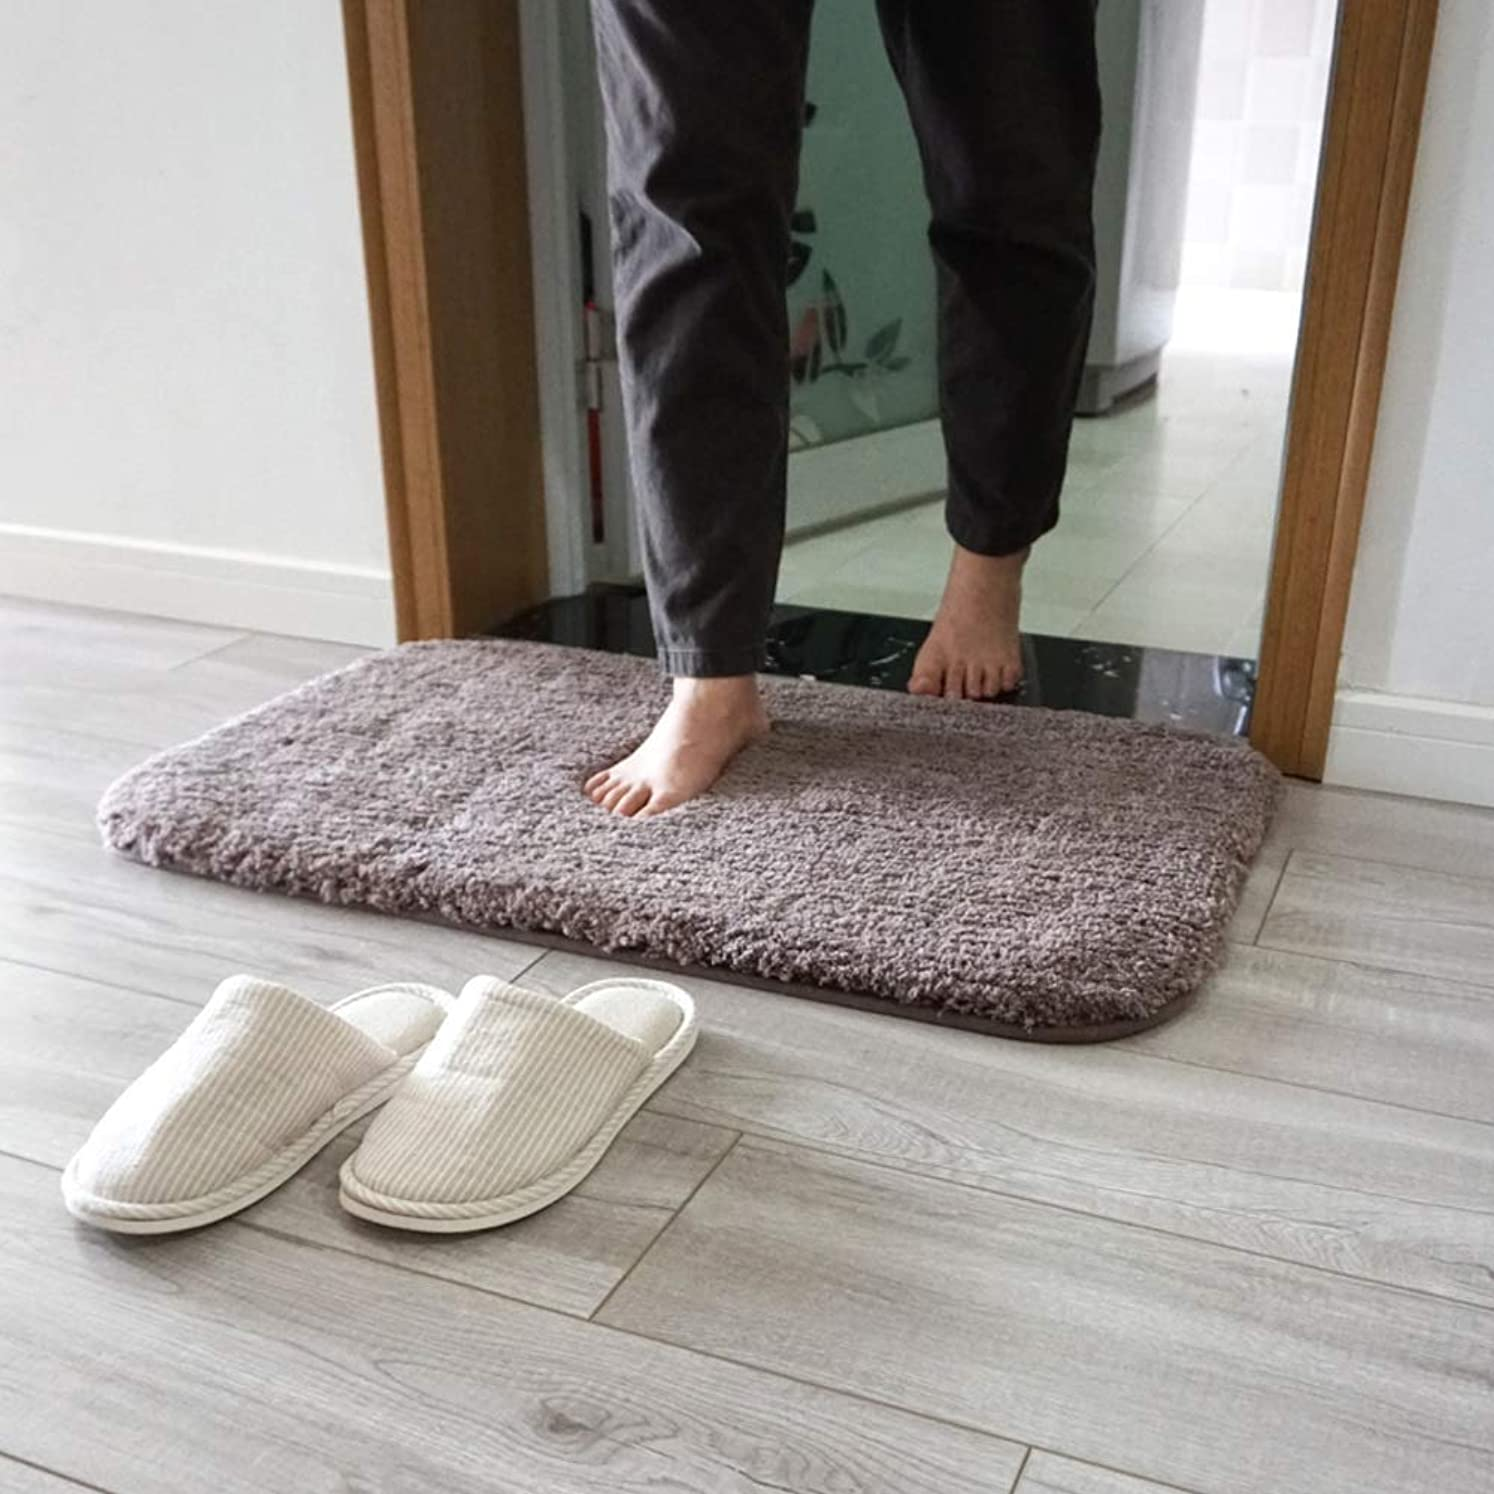 検閲水銀の解放するじゃない-スリップ 吸水 スーパー ソフト 肥厚 バスマット,贅沢 快適な 洗濯可能 の バスルーム-ブラウン 45x70cm(18x28inch)